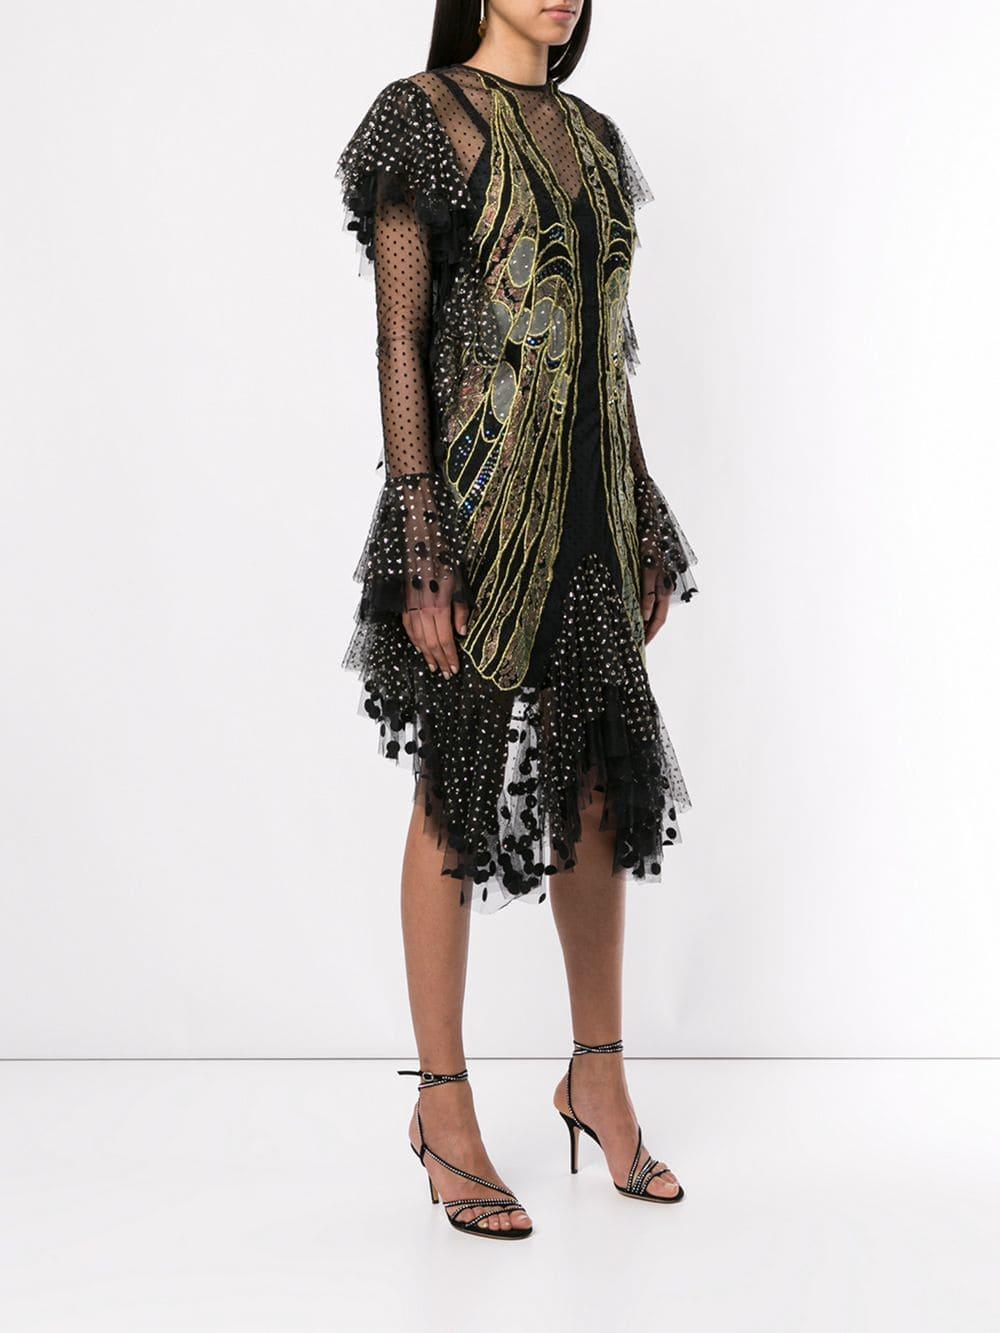 Born Dress Lyst Was Lace In Black Romance Exoskeleton 13JFTlcK